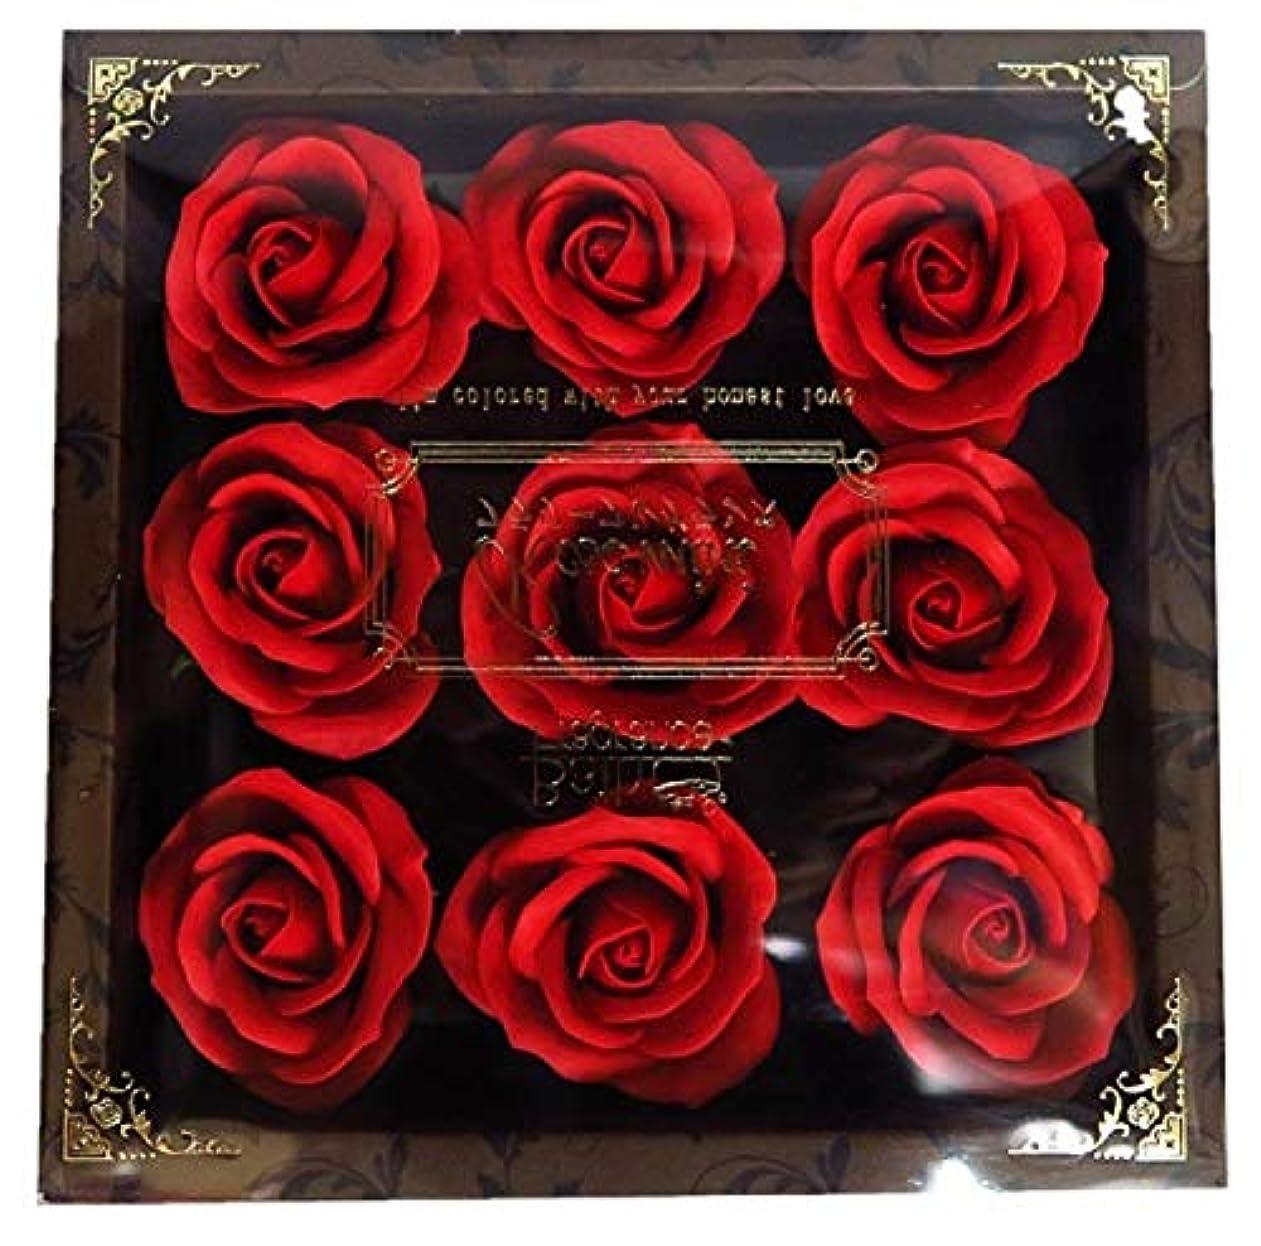 啓示バットリーチバスフレグランス フラワーフレグランス ミニローズフレグランス(L)レッド ギフト お花の形の入浴剤 プレゼント ばら